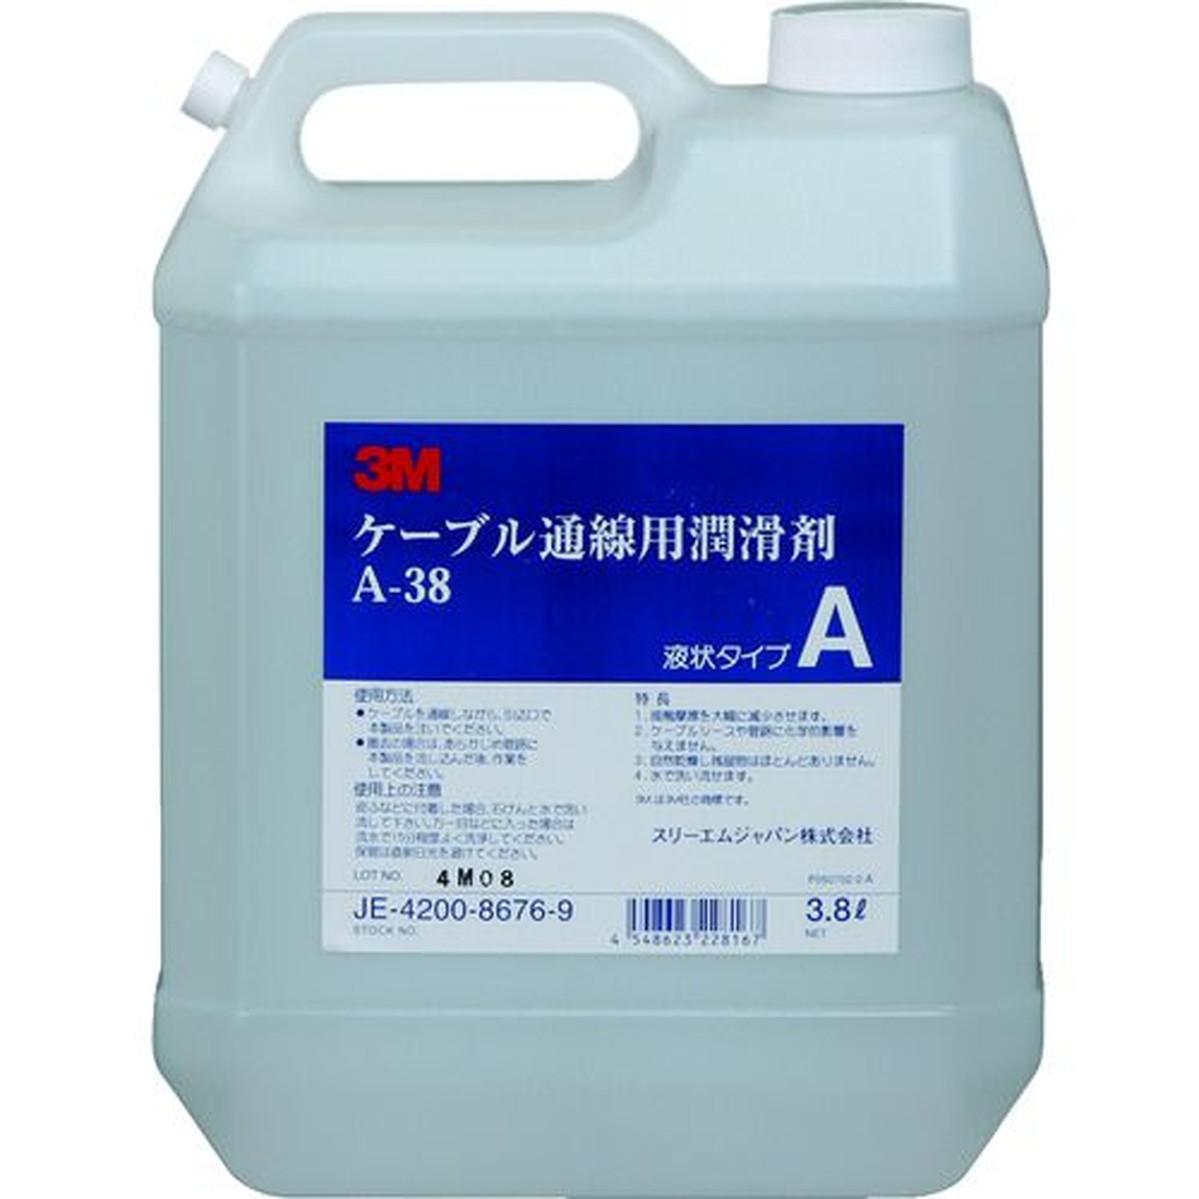 ホットセール コーニング コーニング ケーブル潤滑剤 ケーブル潤滑剤 A-38 1個 3.8リットル 1個, フルーツいちねん:dc995b85 --- kventurepartners.sakura.ne.jp